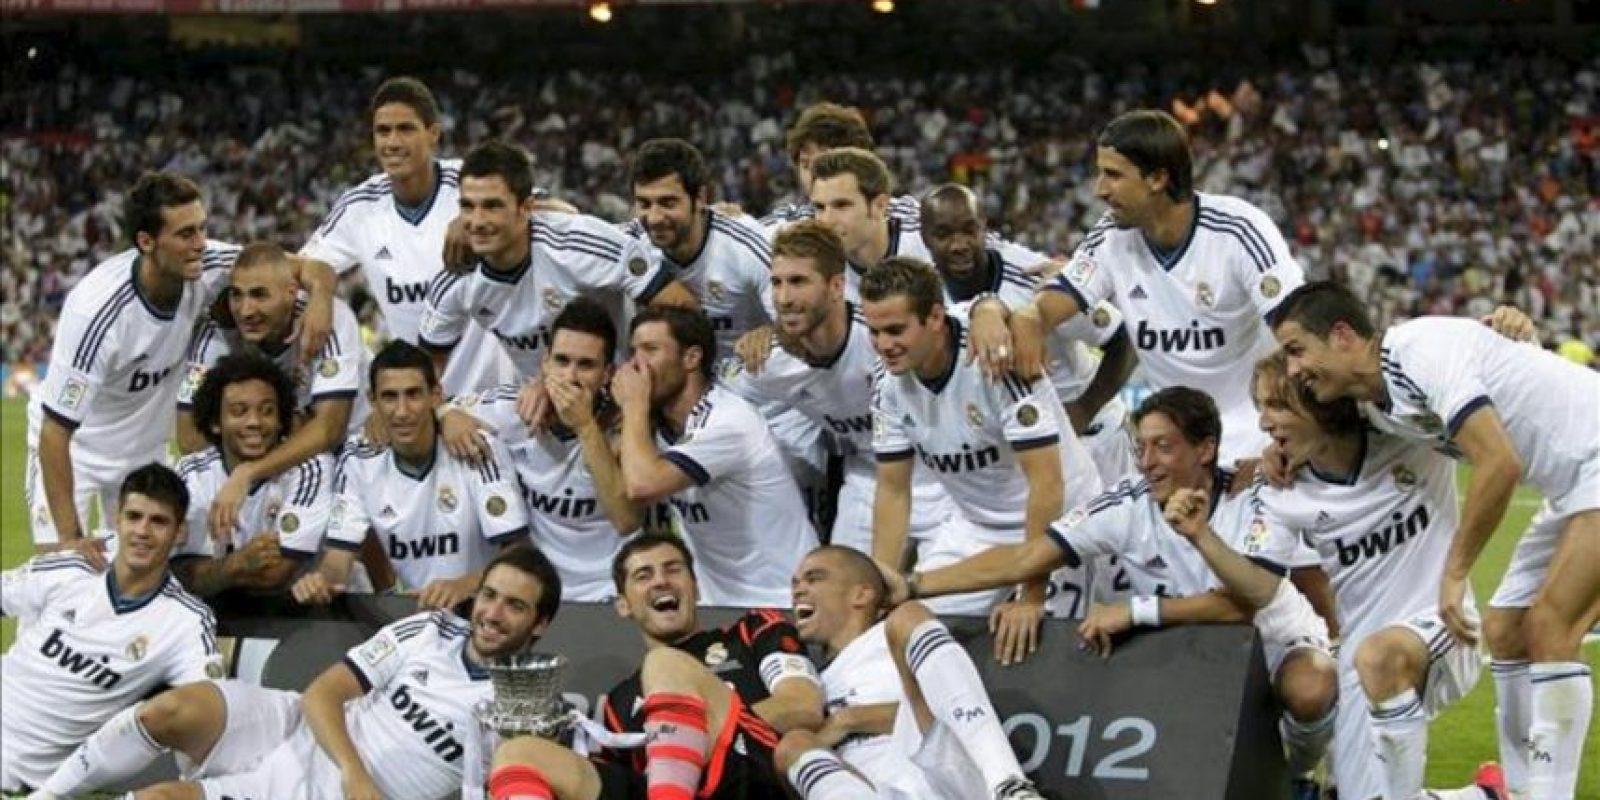 Los jugadores del Real Madrid celebran la consecución del título de la Supercopa de España, tras derrotar al F.C. Barcelona por 2-1 en el partido de vuelta disputado esta noche en el estadio Santiago Bernabéu. EFE